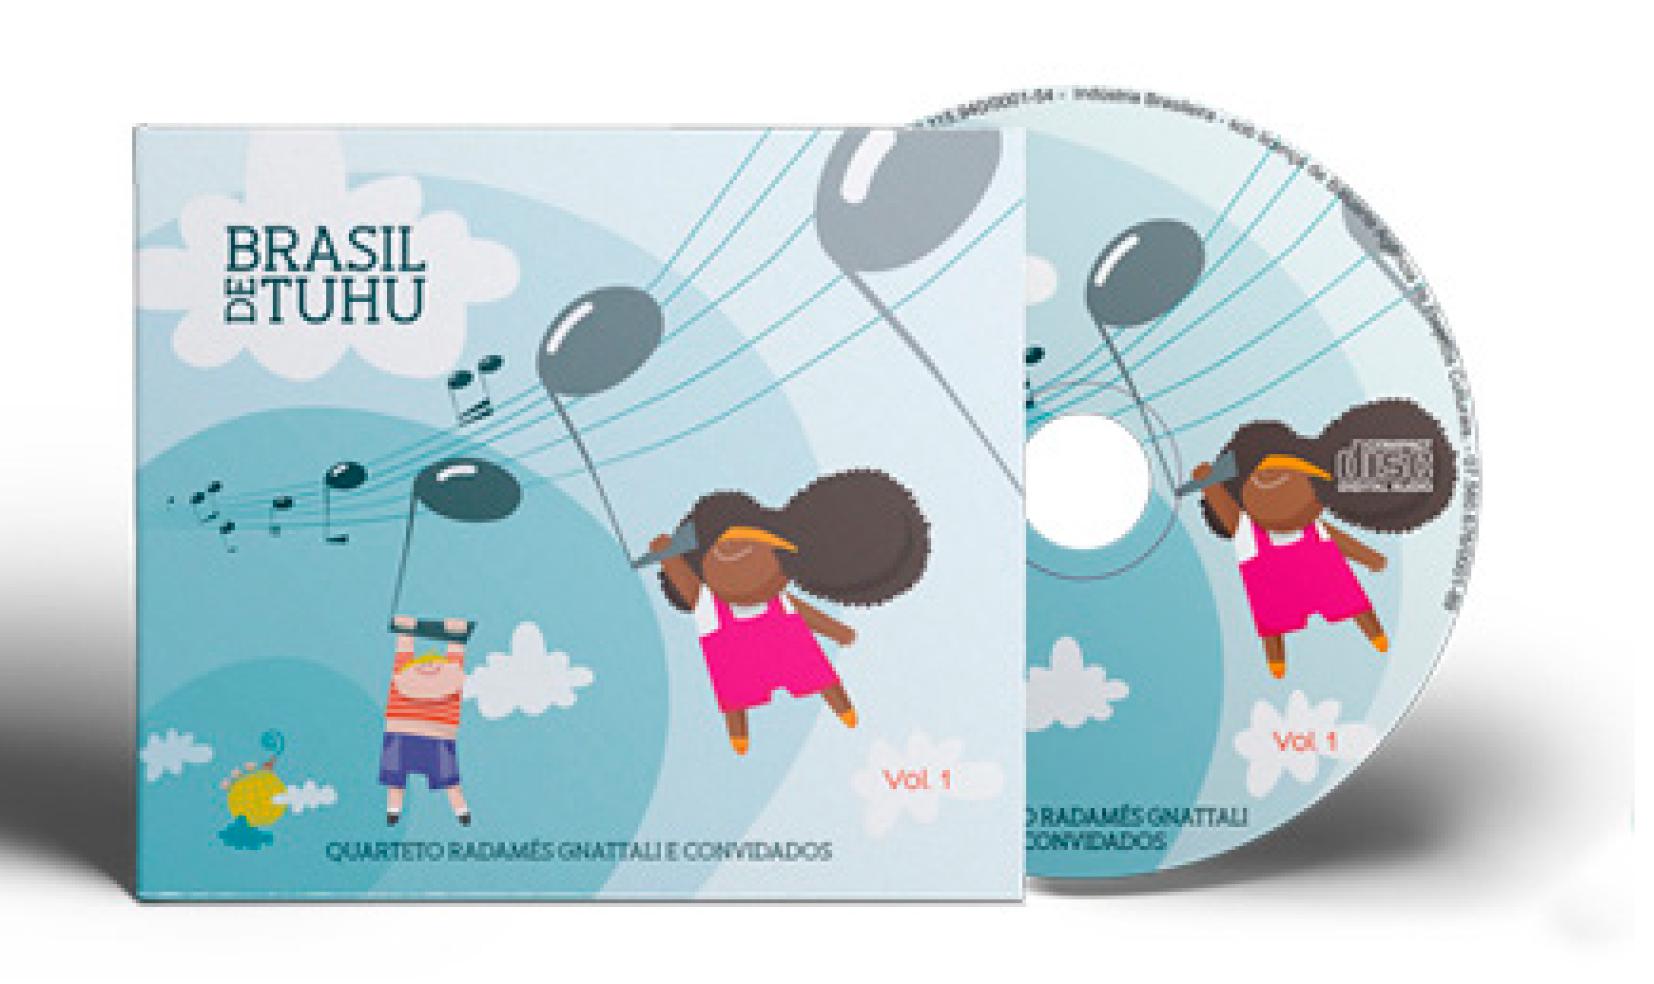 foto da capa e disco do CD Brasil de Tuhu – Volume 1. Gravado pelo Quarteto Radamés Gnattali e convidados.